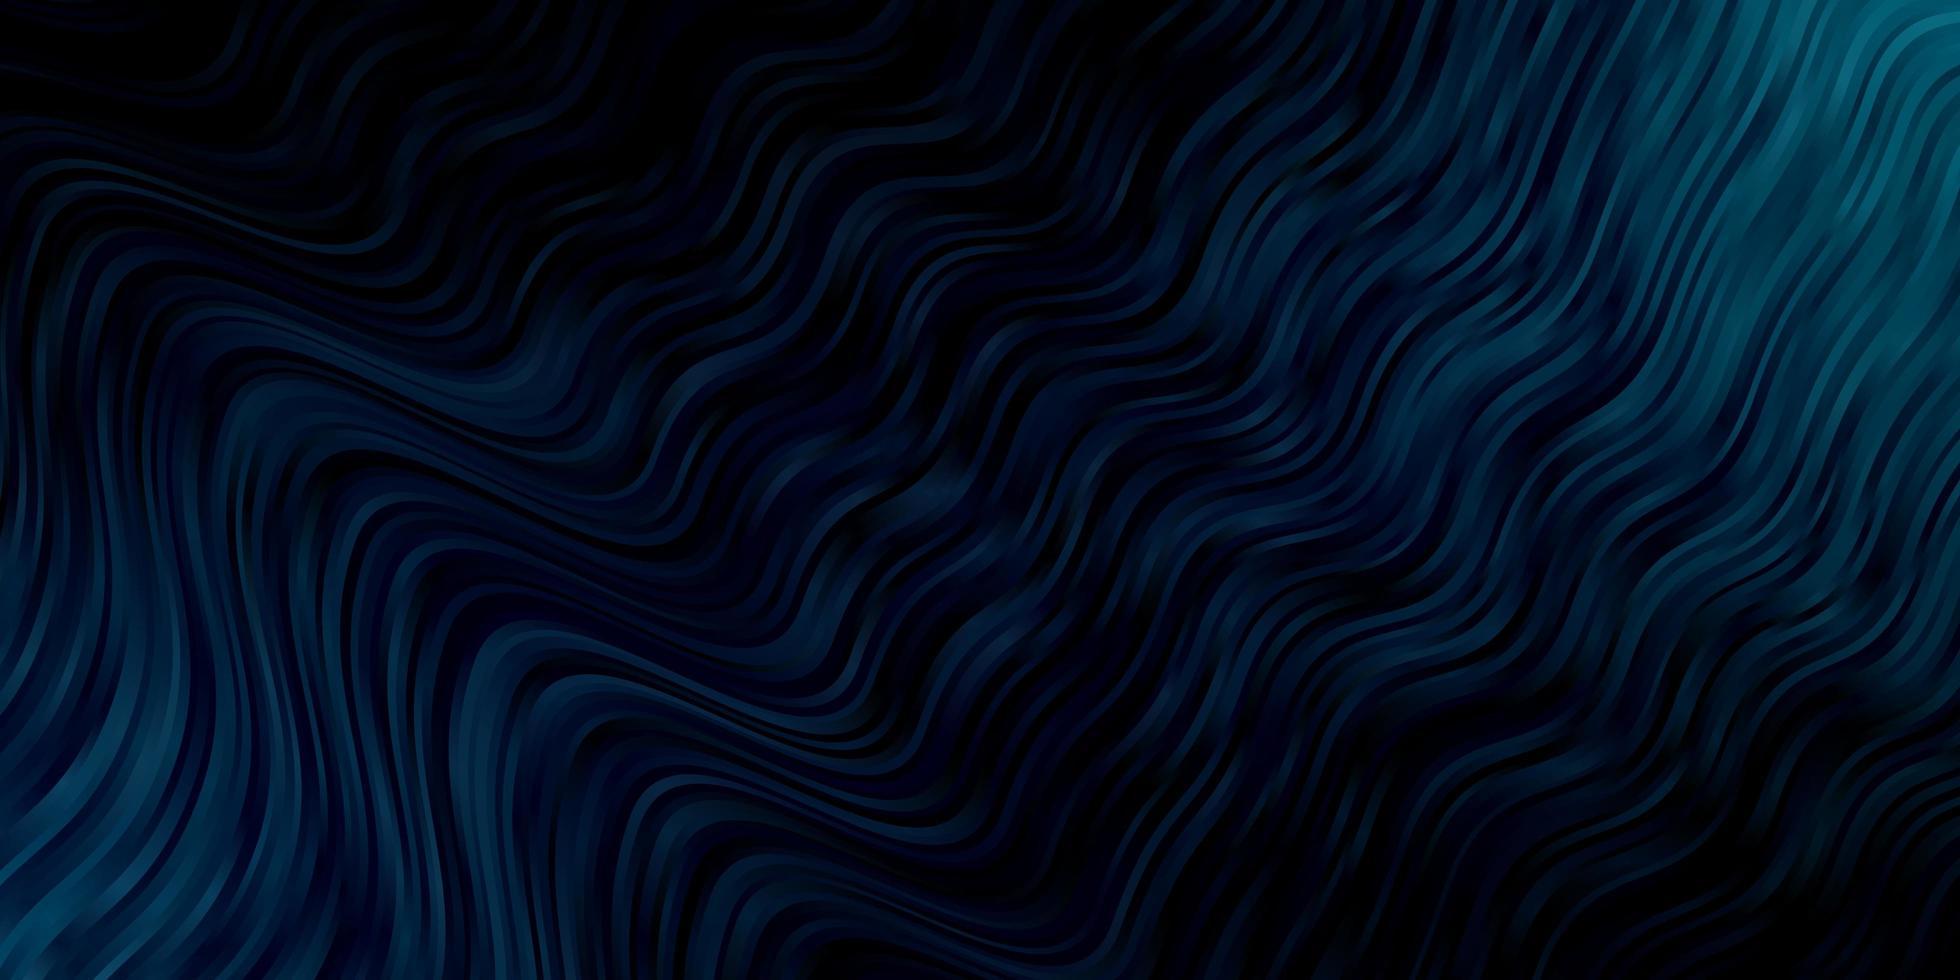 trama blu scuro con curve. vettore